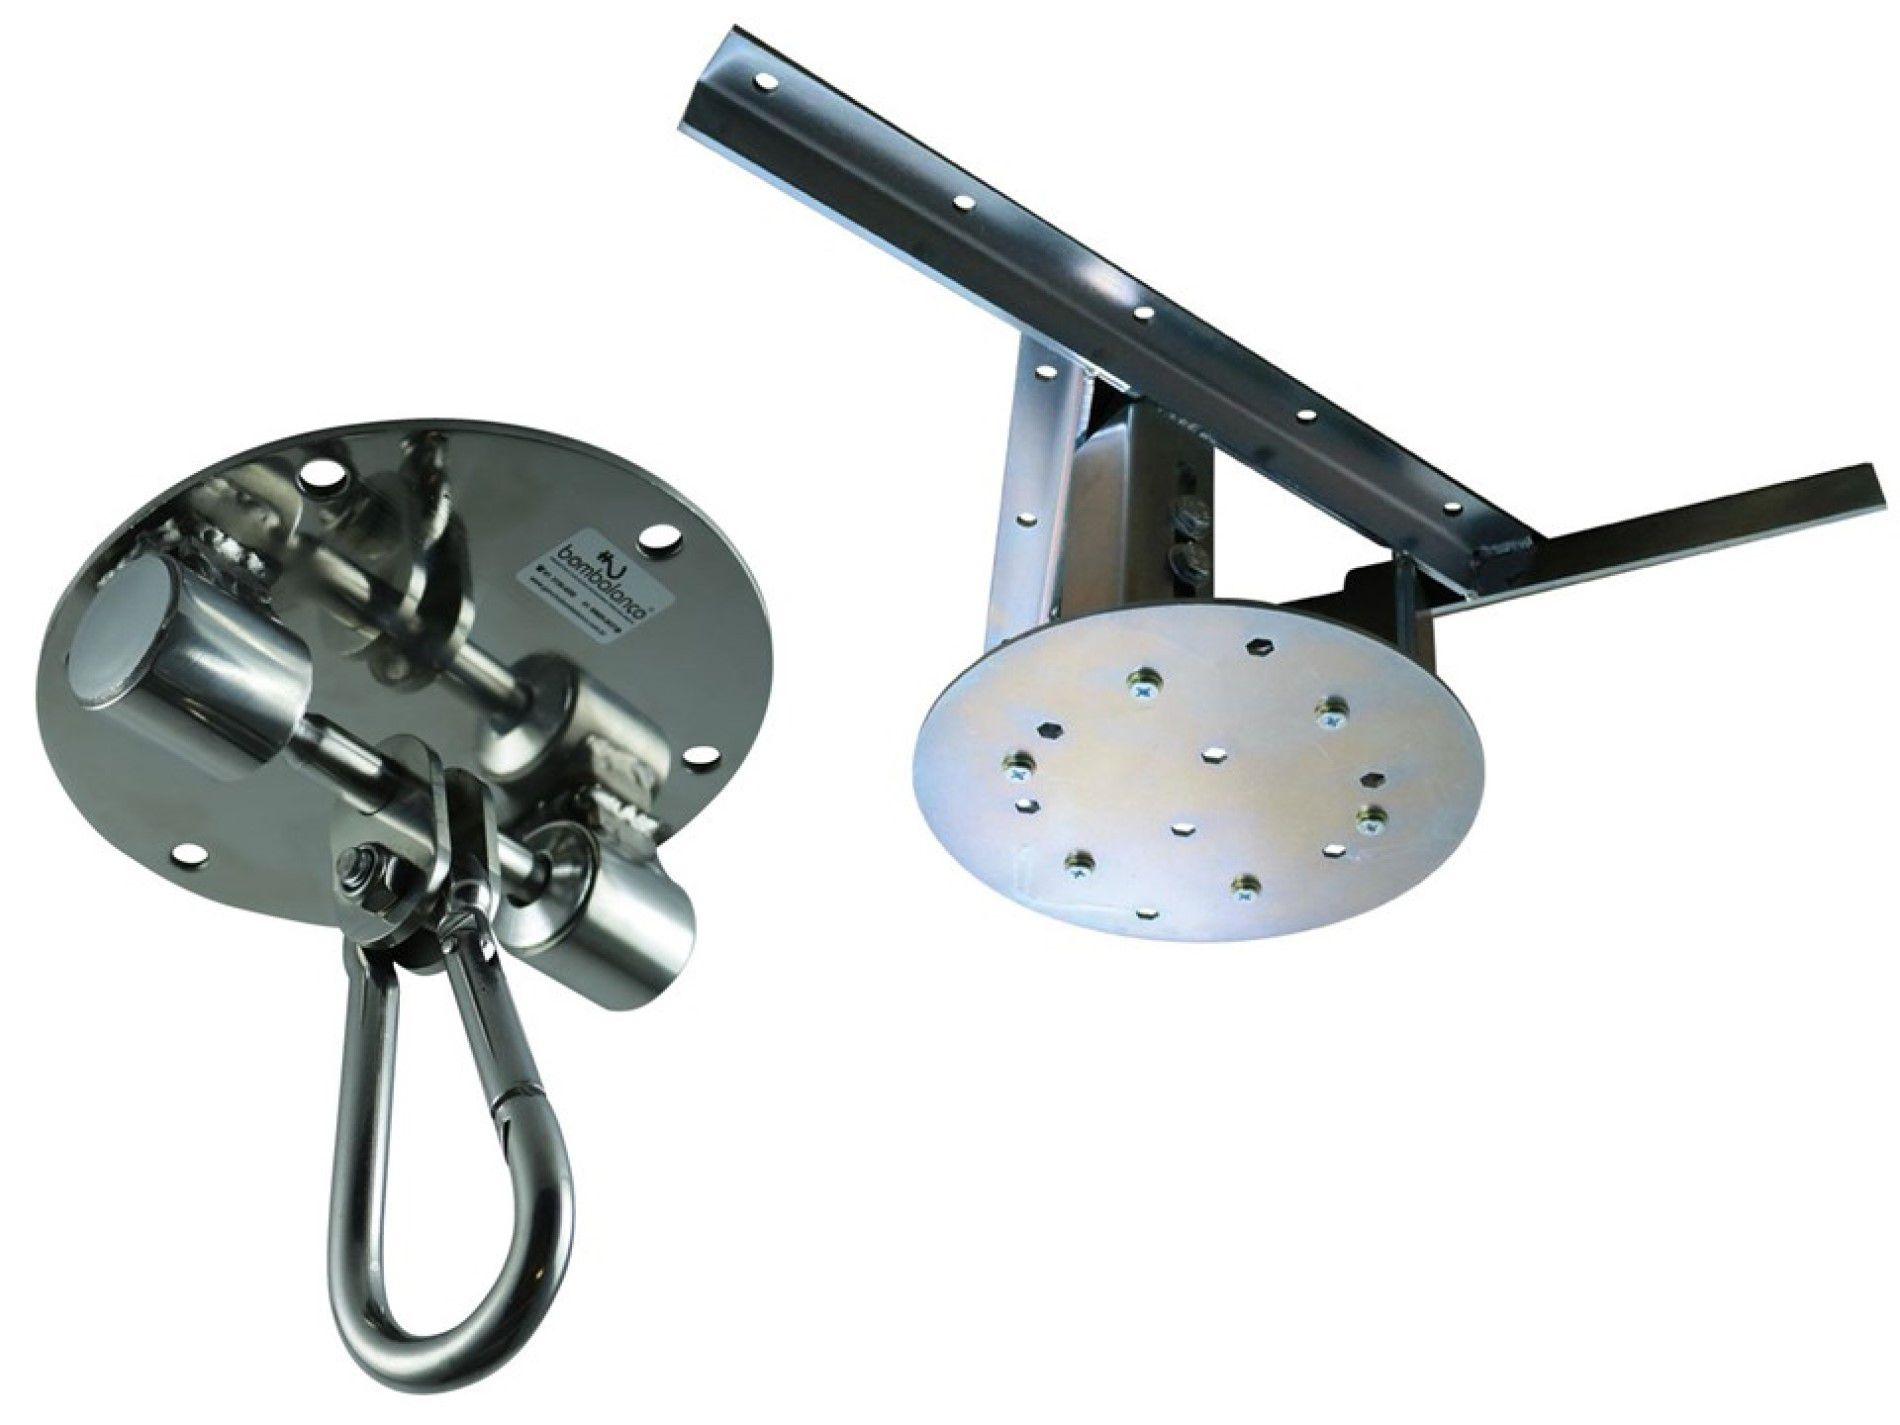 Kit extensor ajustável para teto com forro de gesso - 37 a 60 cm + balanço Stronger - capacidade 300 kg